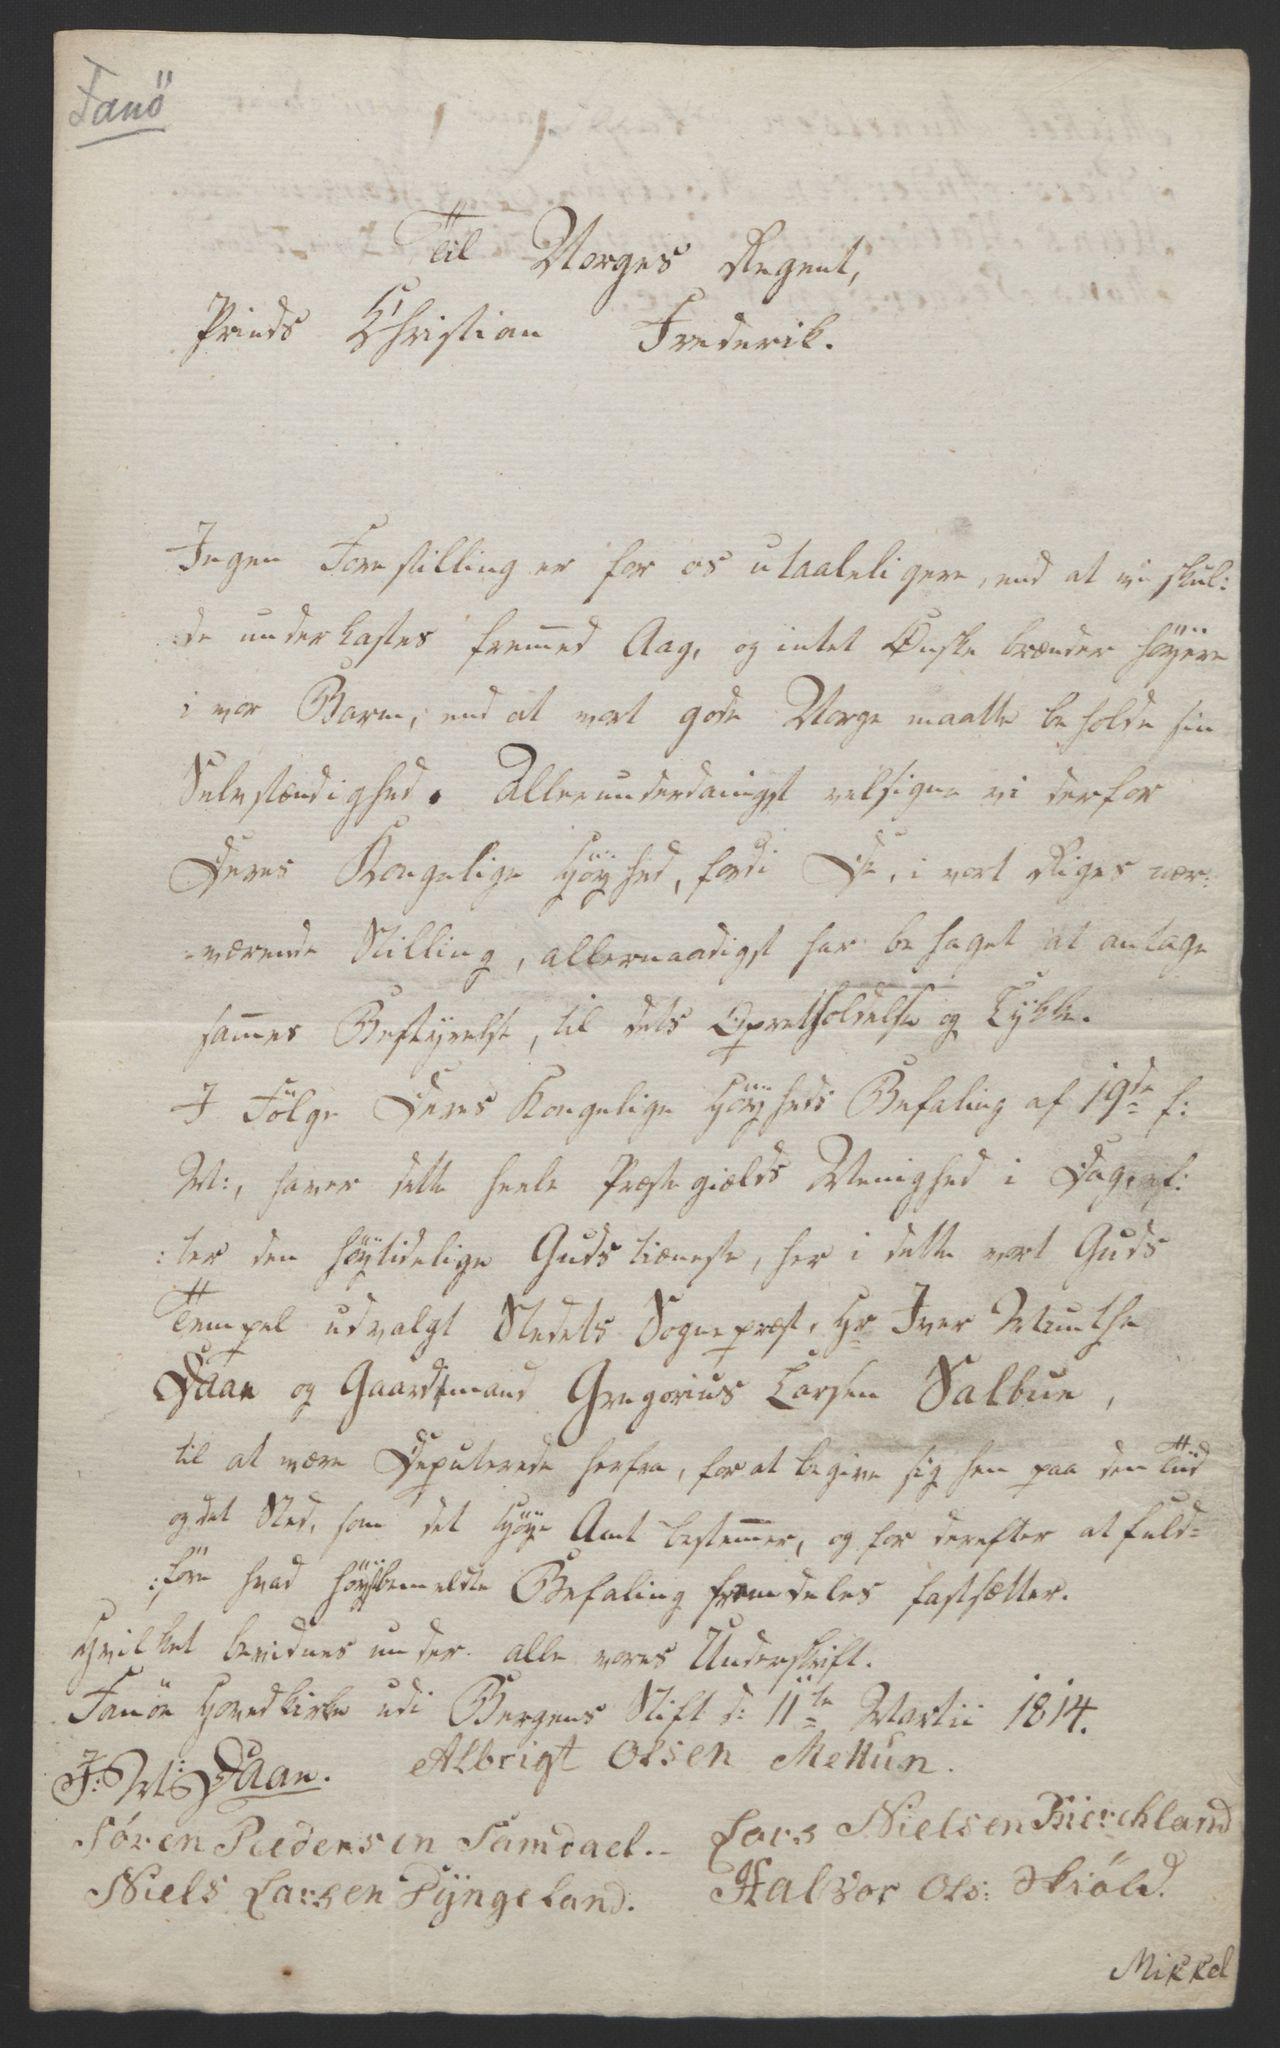 RA, Statsrådssekretariatet, D/Db/L0008: Fullmakter for Eidsvollsrepresentantene i 1814. , 1814, s. 271